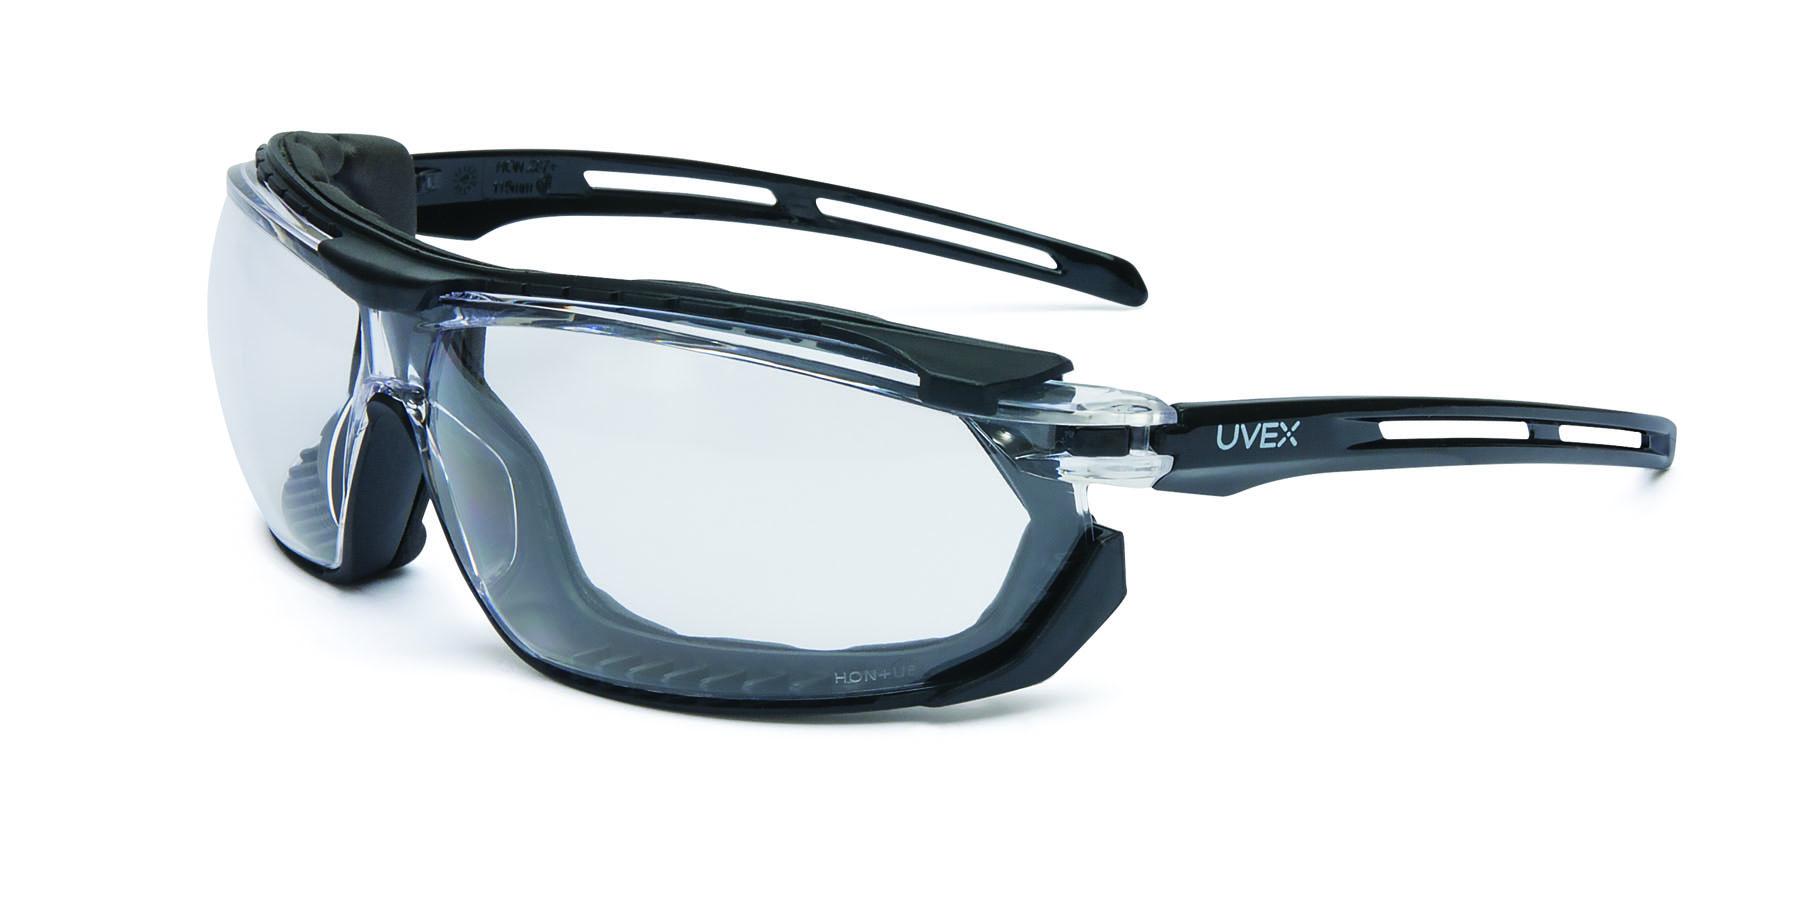 f193fbf1bcc22 Óculos de segurança A1400 incolor antiembaçante S4040